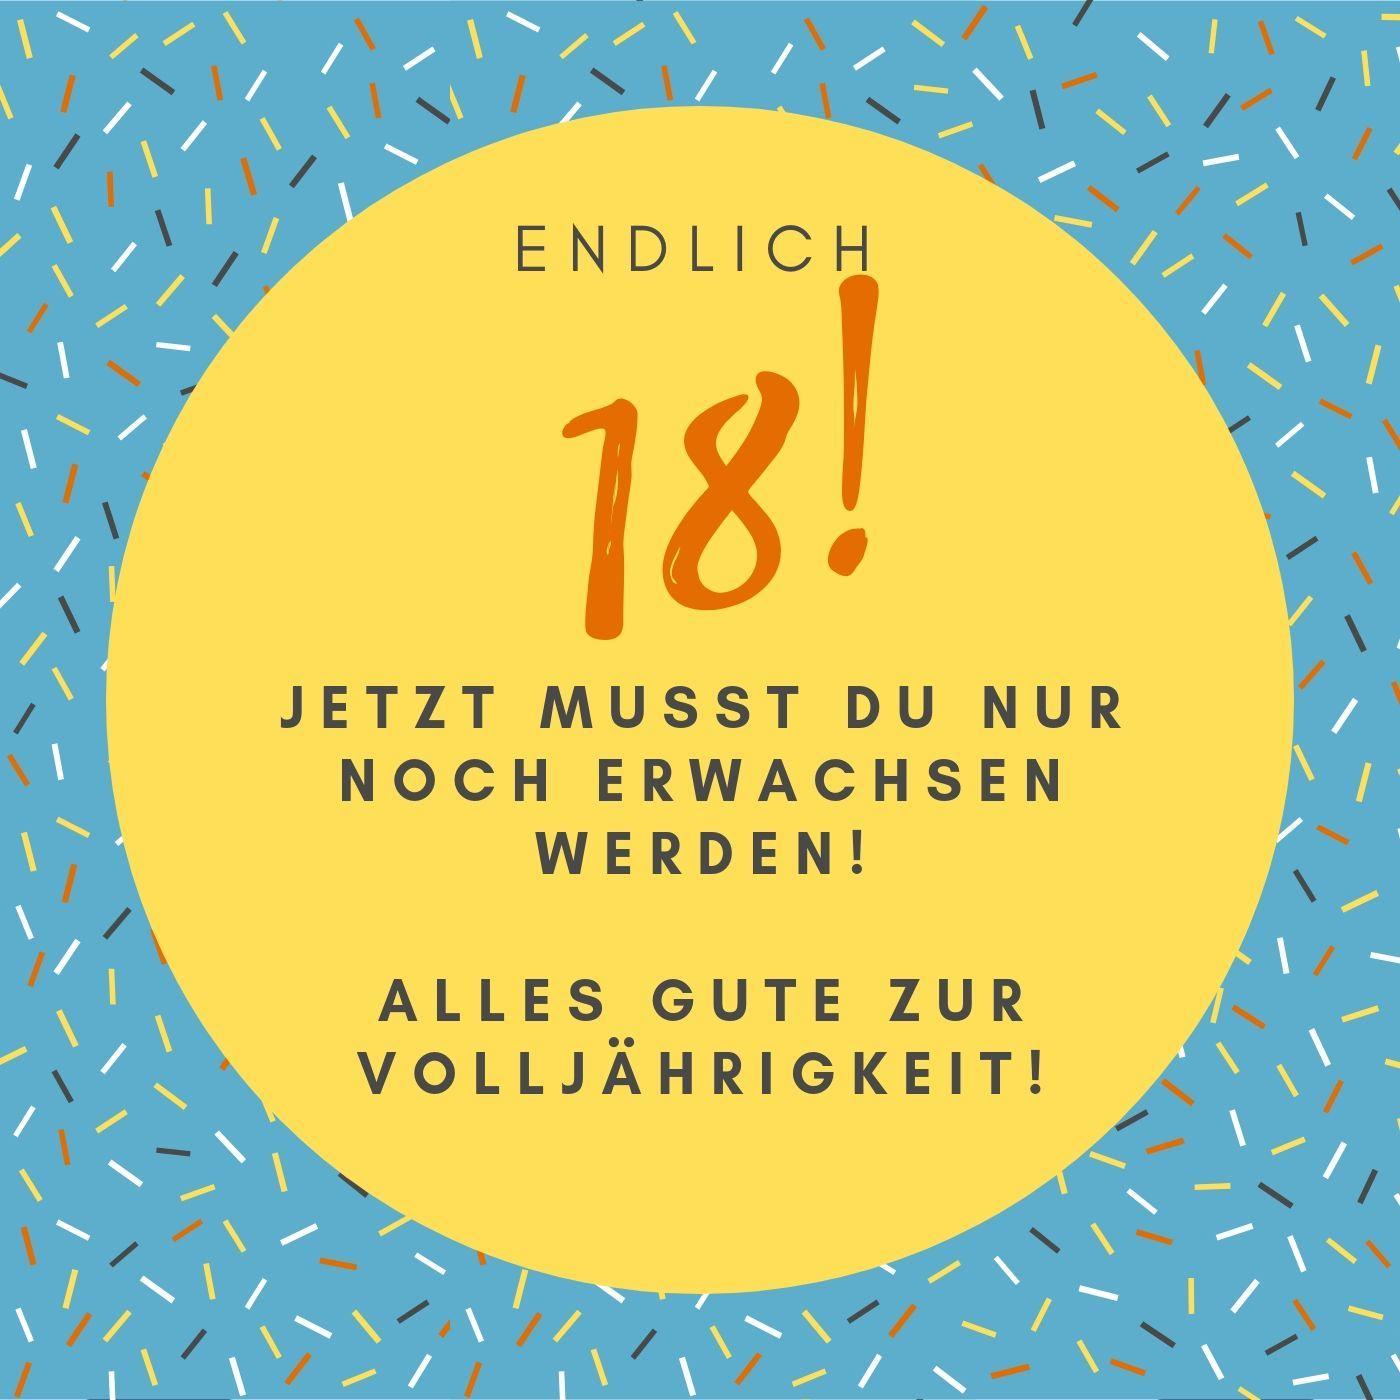 Endlich 18 Spruche Zur Volljahrigkeit Lustig Leben Als Erwachsener Zitate 18 Geburtstag Spruch Spruche Zum 18 Geburtstag Gluckwunsche Geburtstag Lustig